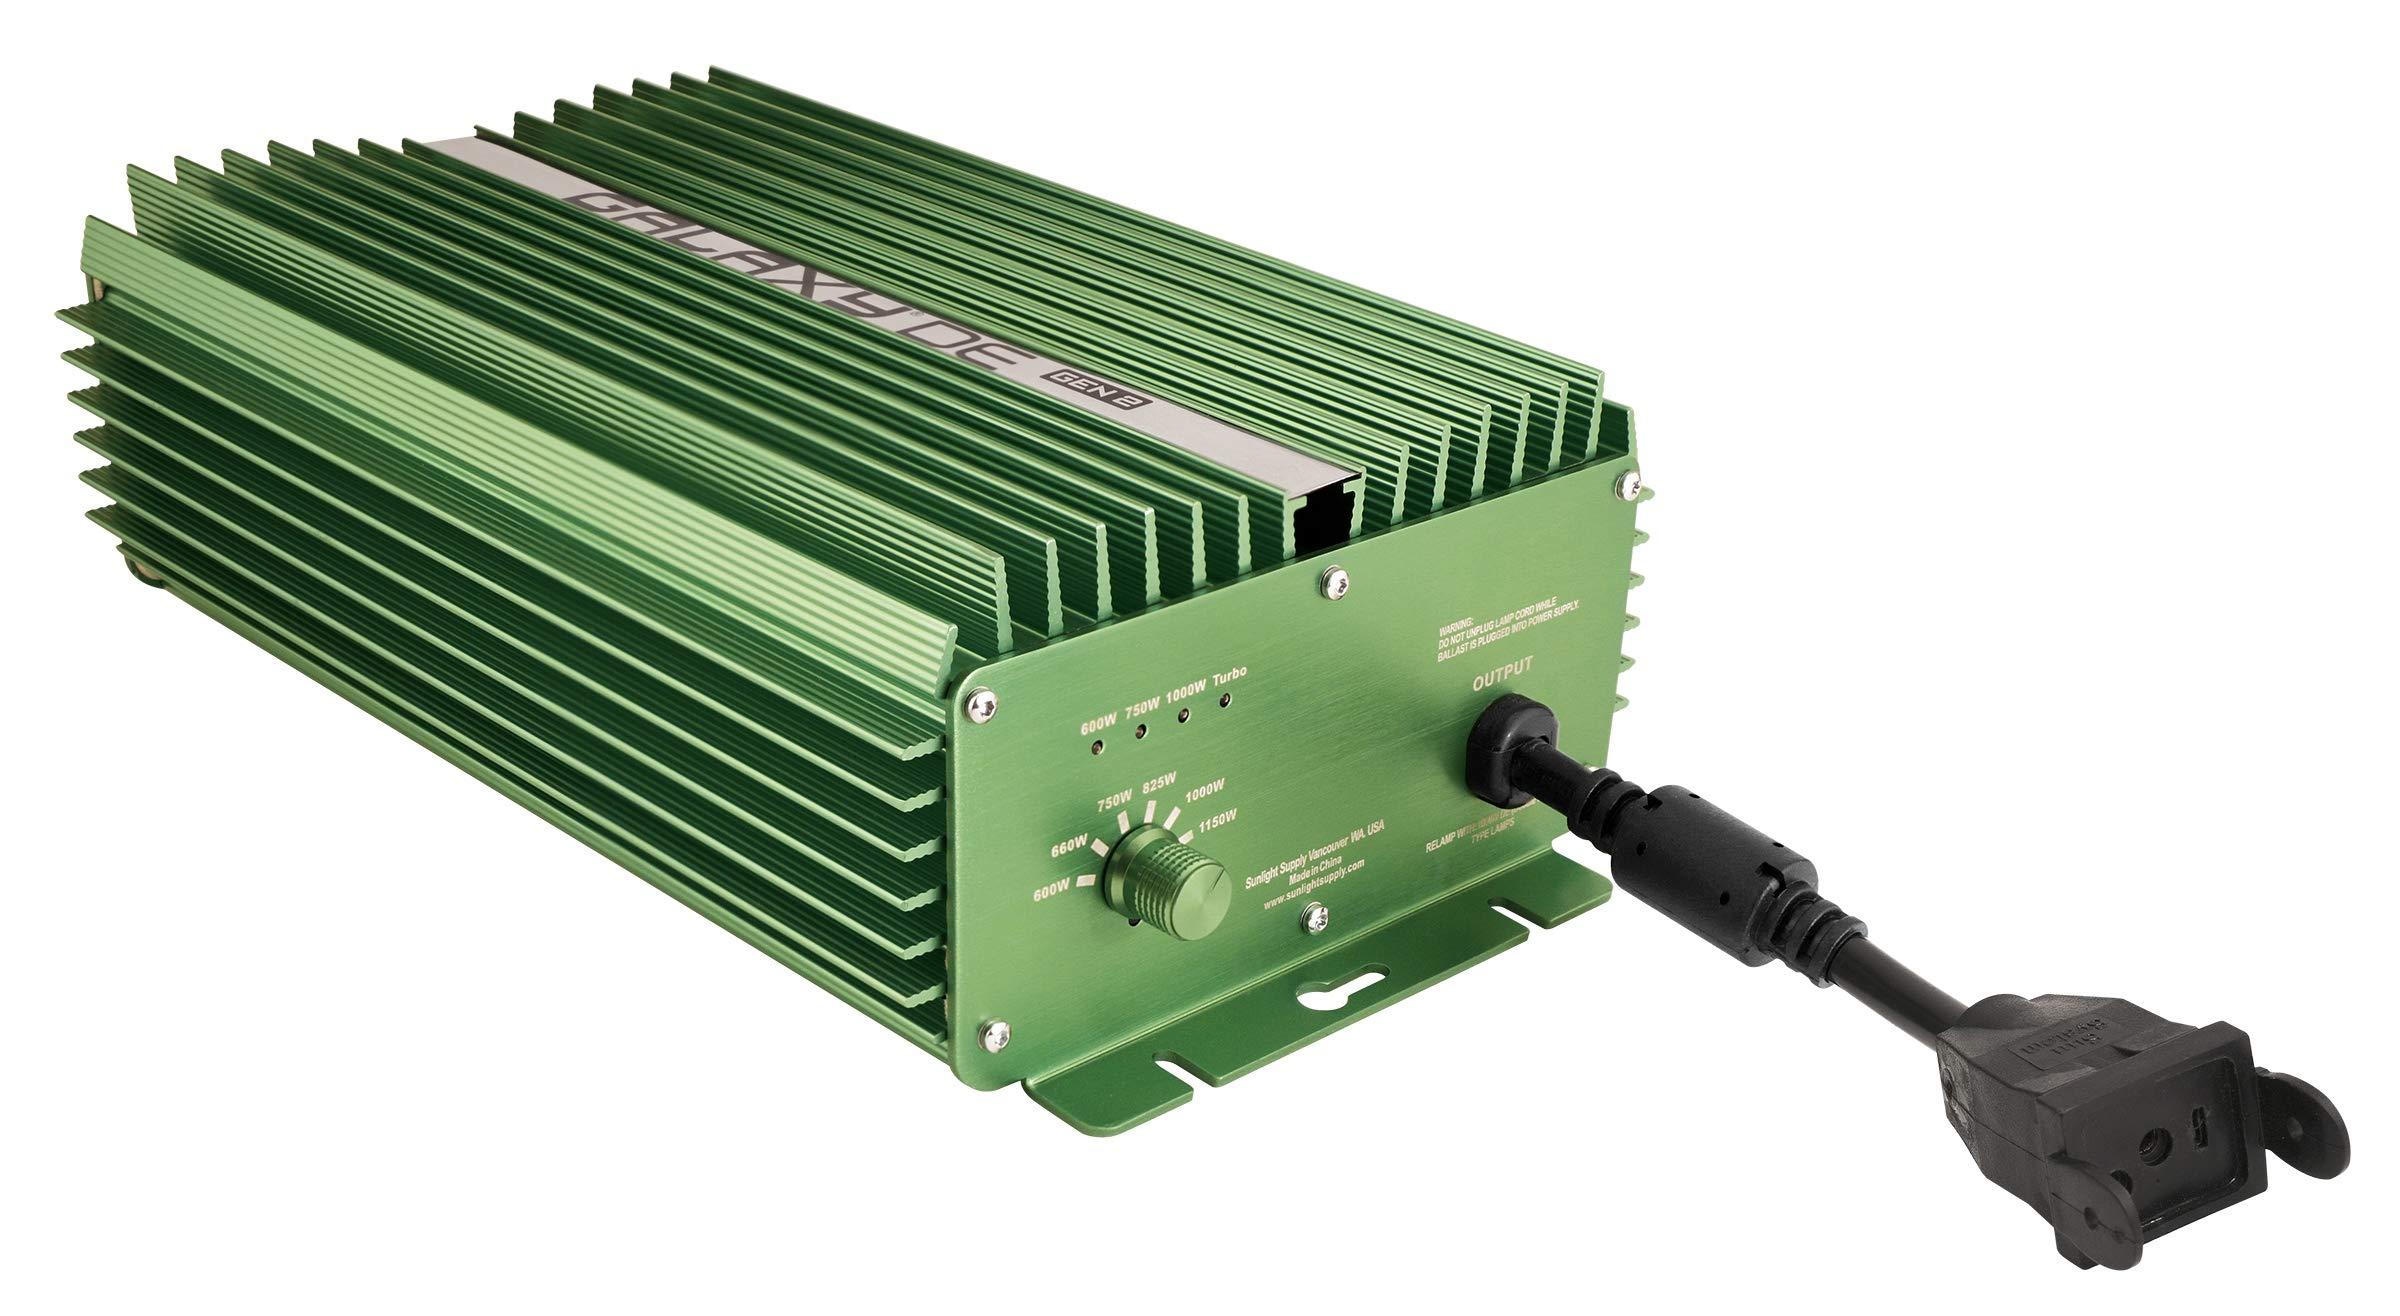 Galaxy DE Select-A-Watt 600/750/875/1000/1150 120/240 Volt - GEN 2 qty: 1x